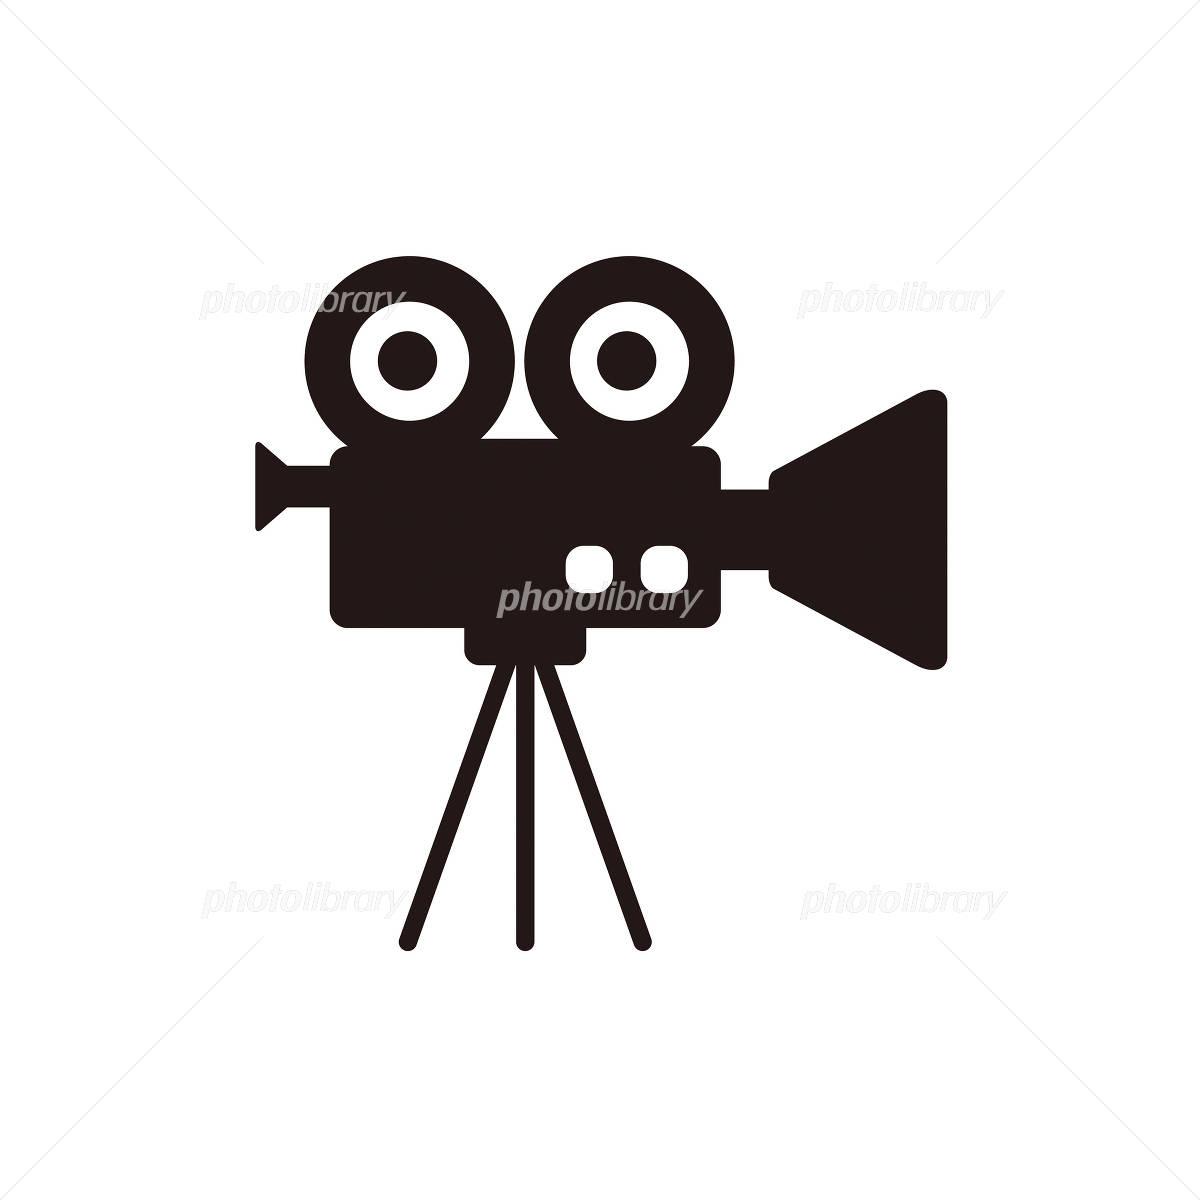 映画用カメラのアイコン イラスト素材 [ 1033190 ] - フォトライブラリー